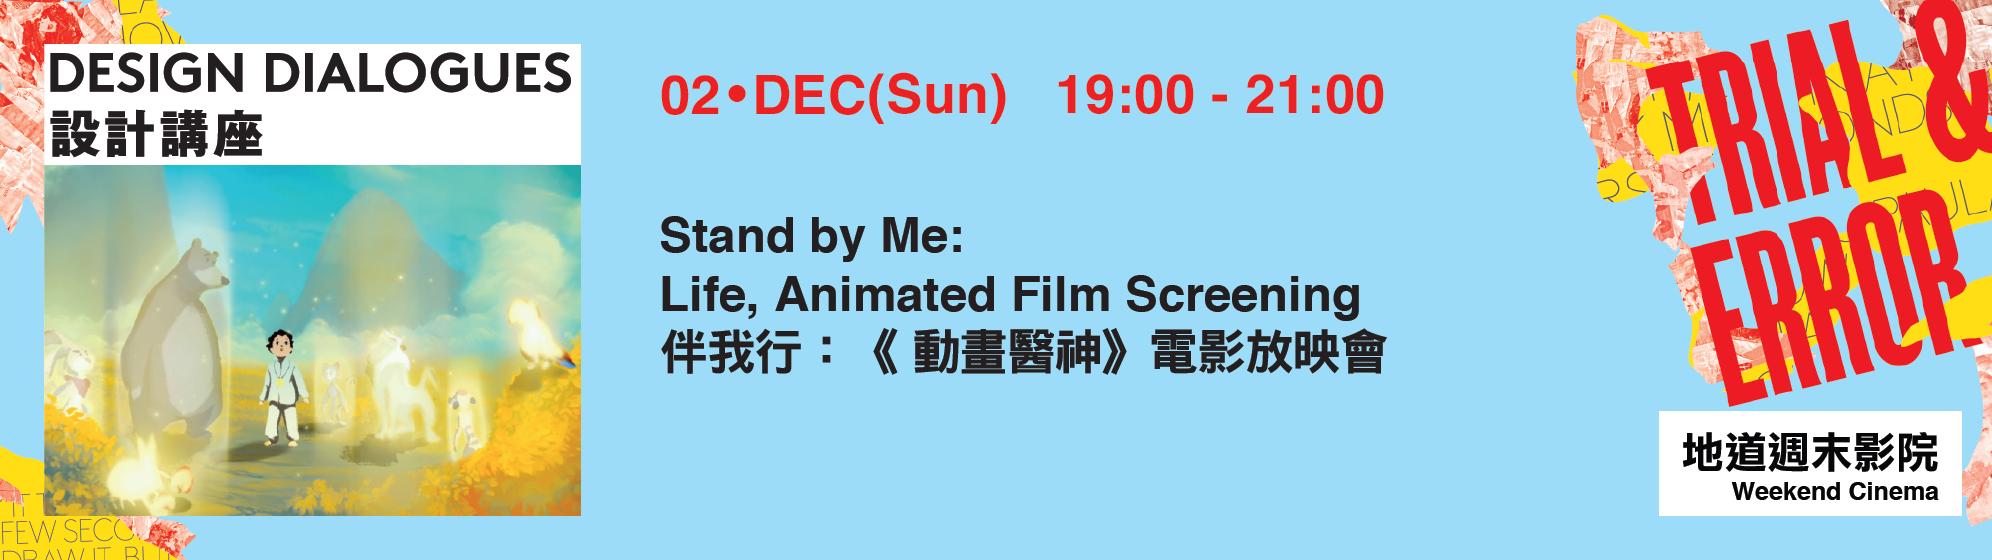 伴我行:《動畫醫神》電影放映會   Stand by Me: Life, Animated Film Screening